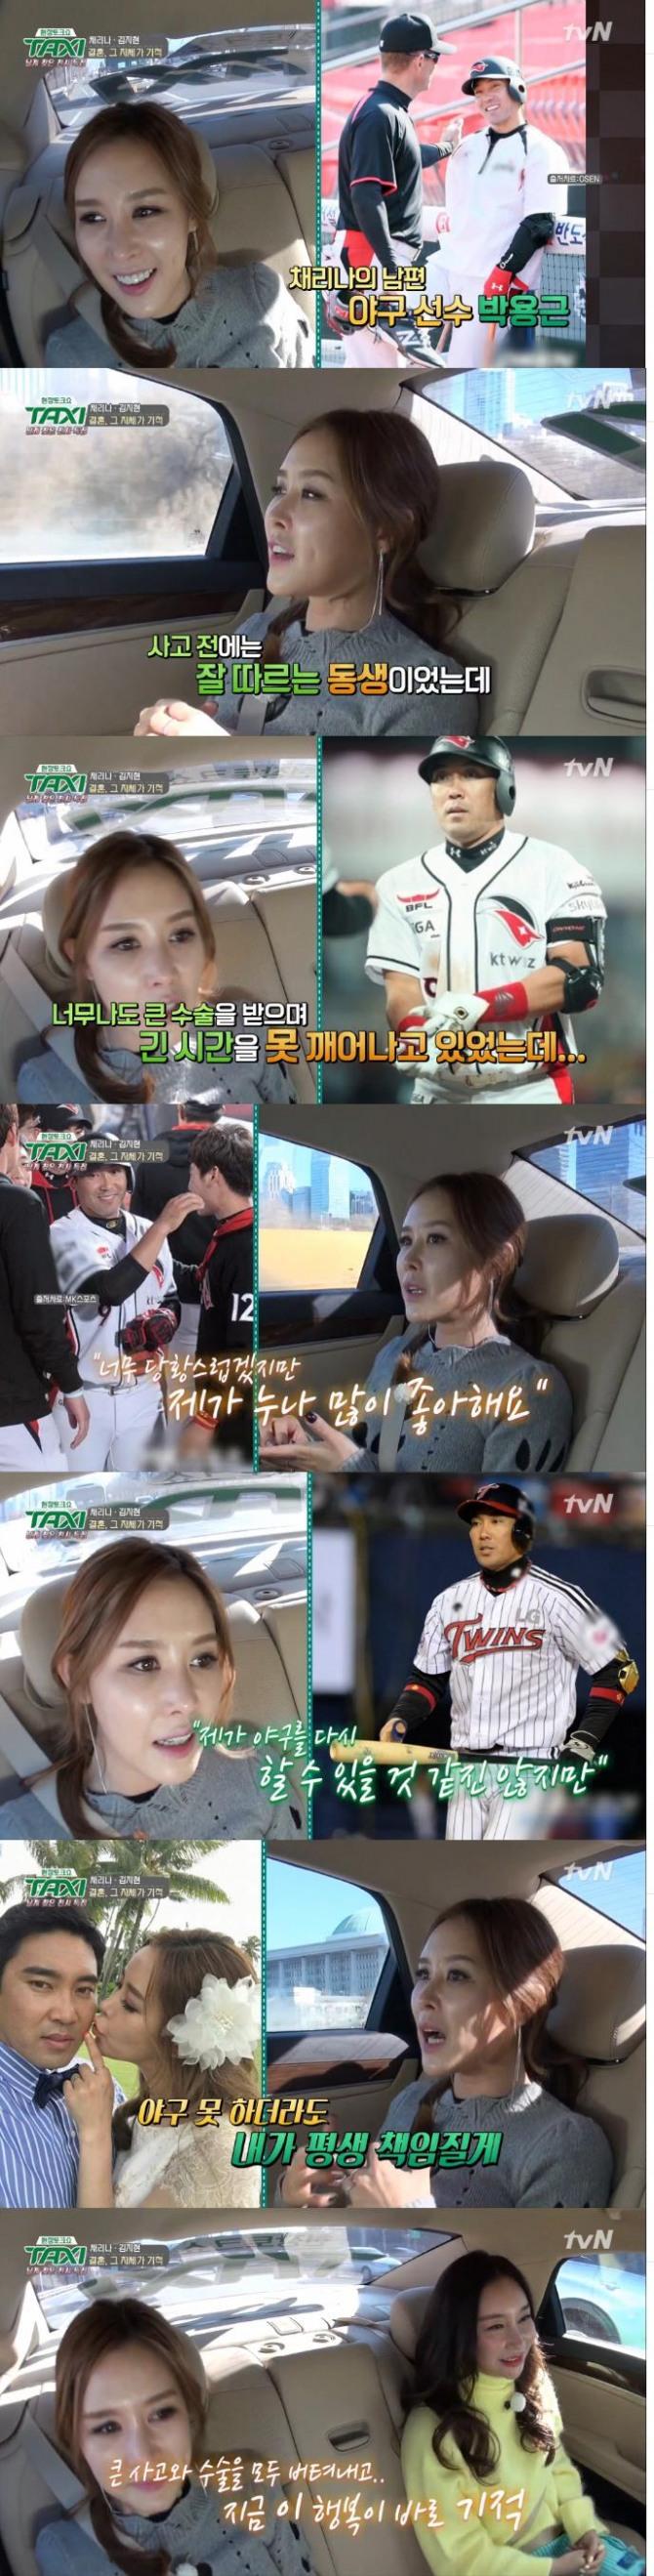 11일 방송된 tvN '현장토크쇼 택시'에는 룰라 멤버 채리나와 김지현이 출연, 결혼에 대해 진솔하게 밝혔다./사진=tvN,방송 캡처